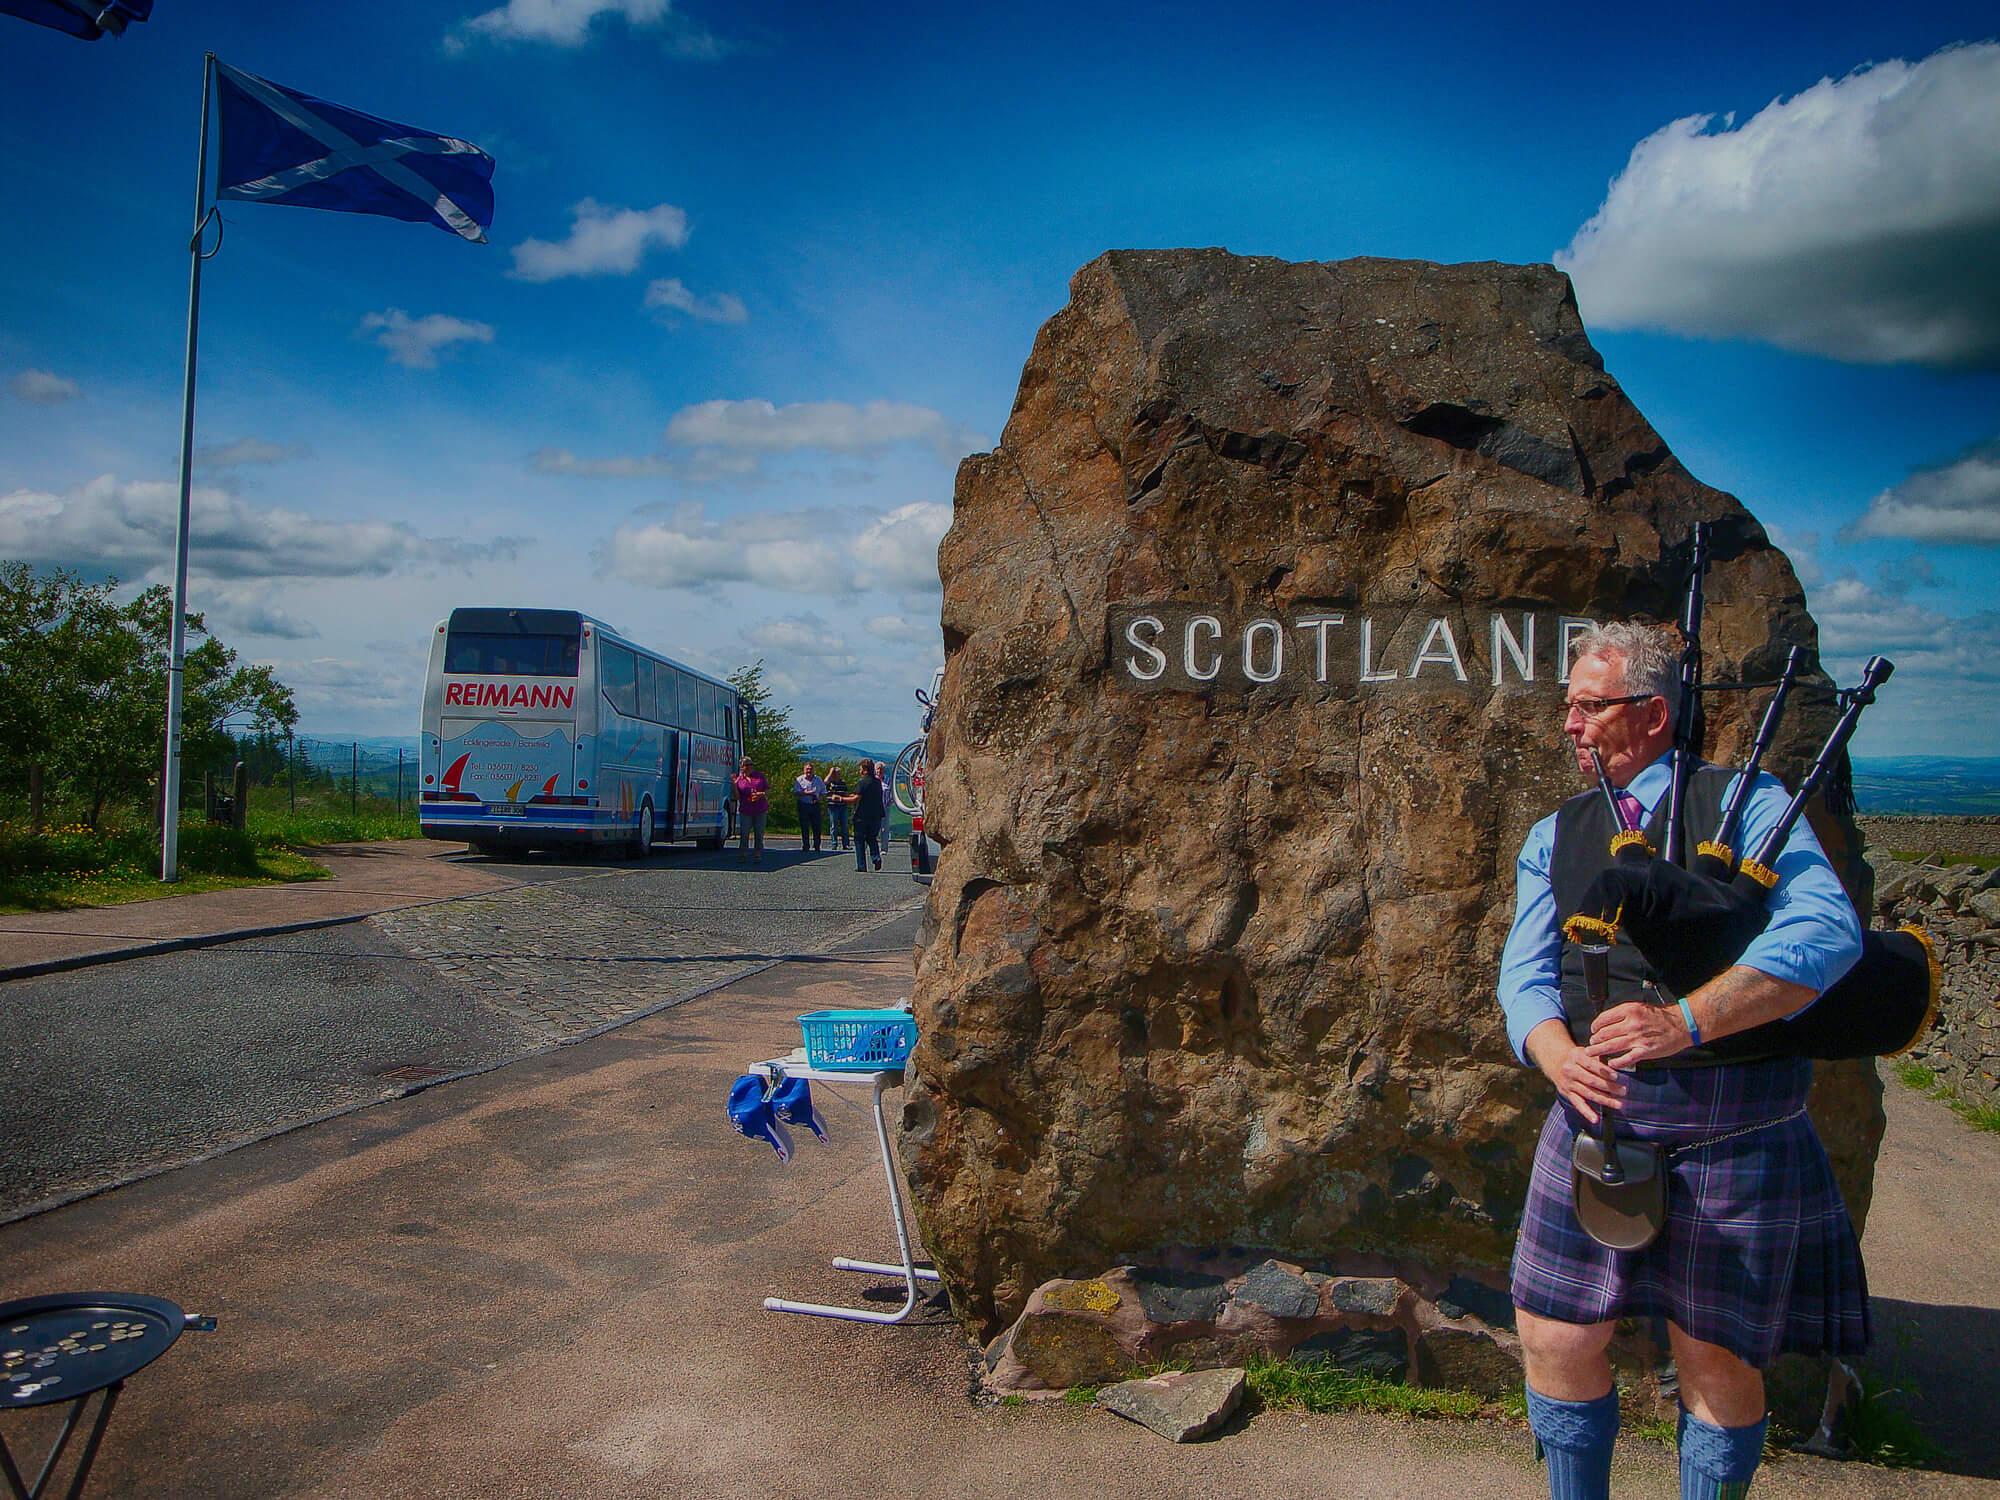 Reimann Reisen Busreise Schottland